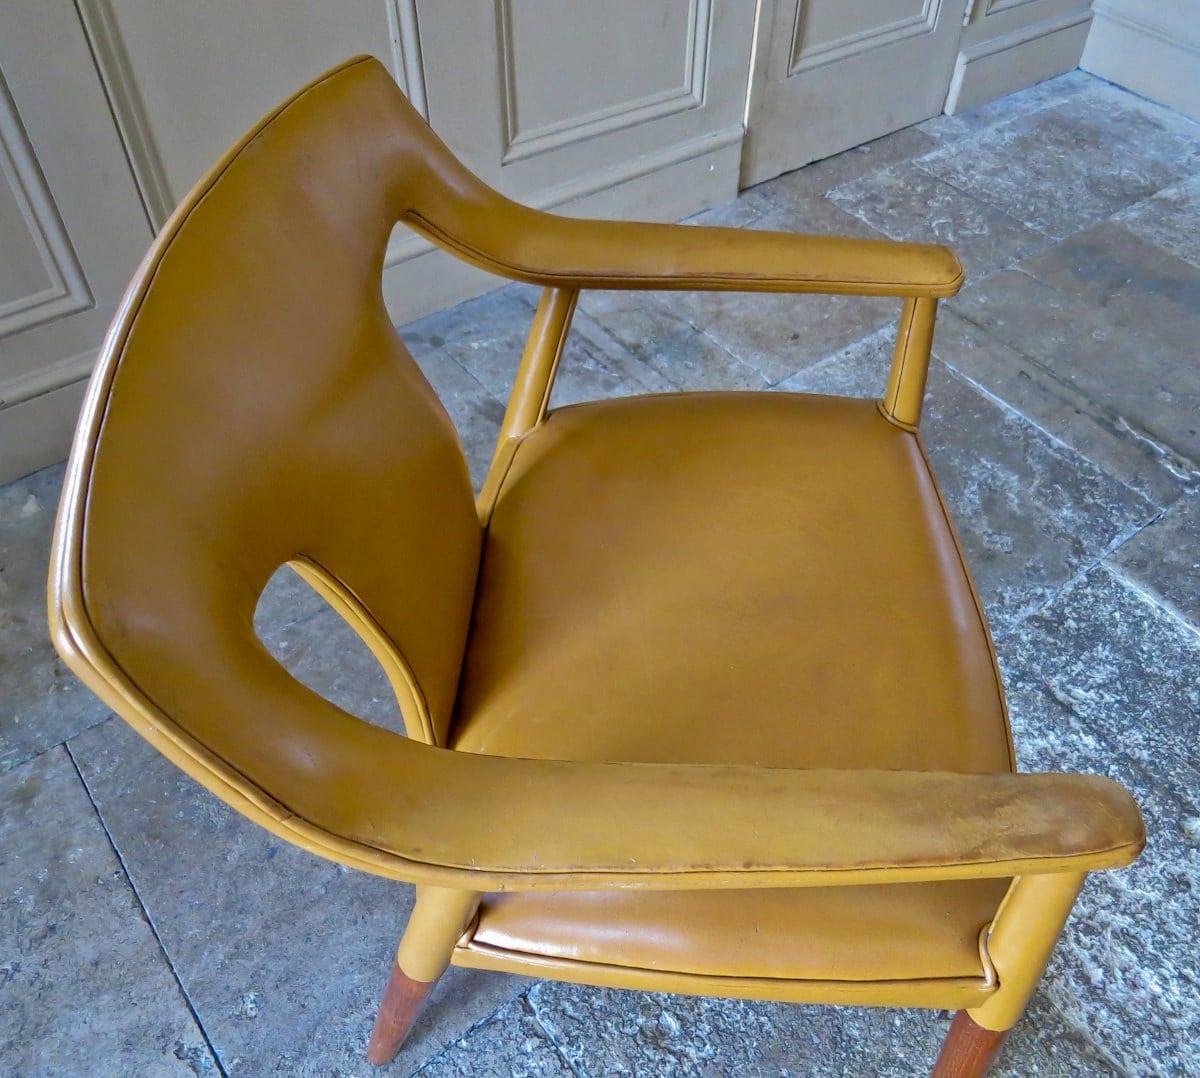 Bender Madsen Pontoppidan Danish armchair 1950's